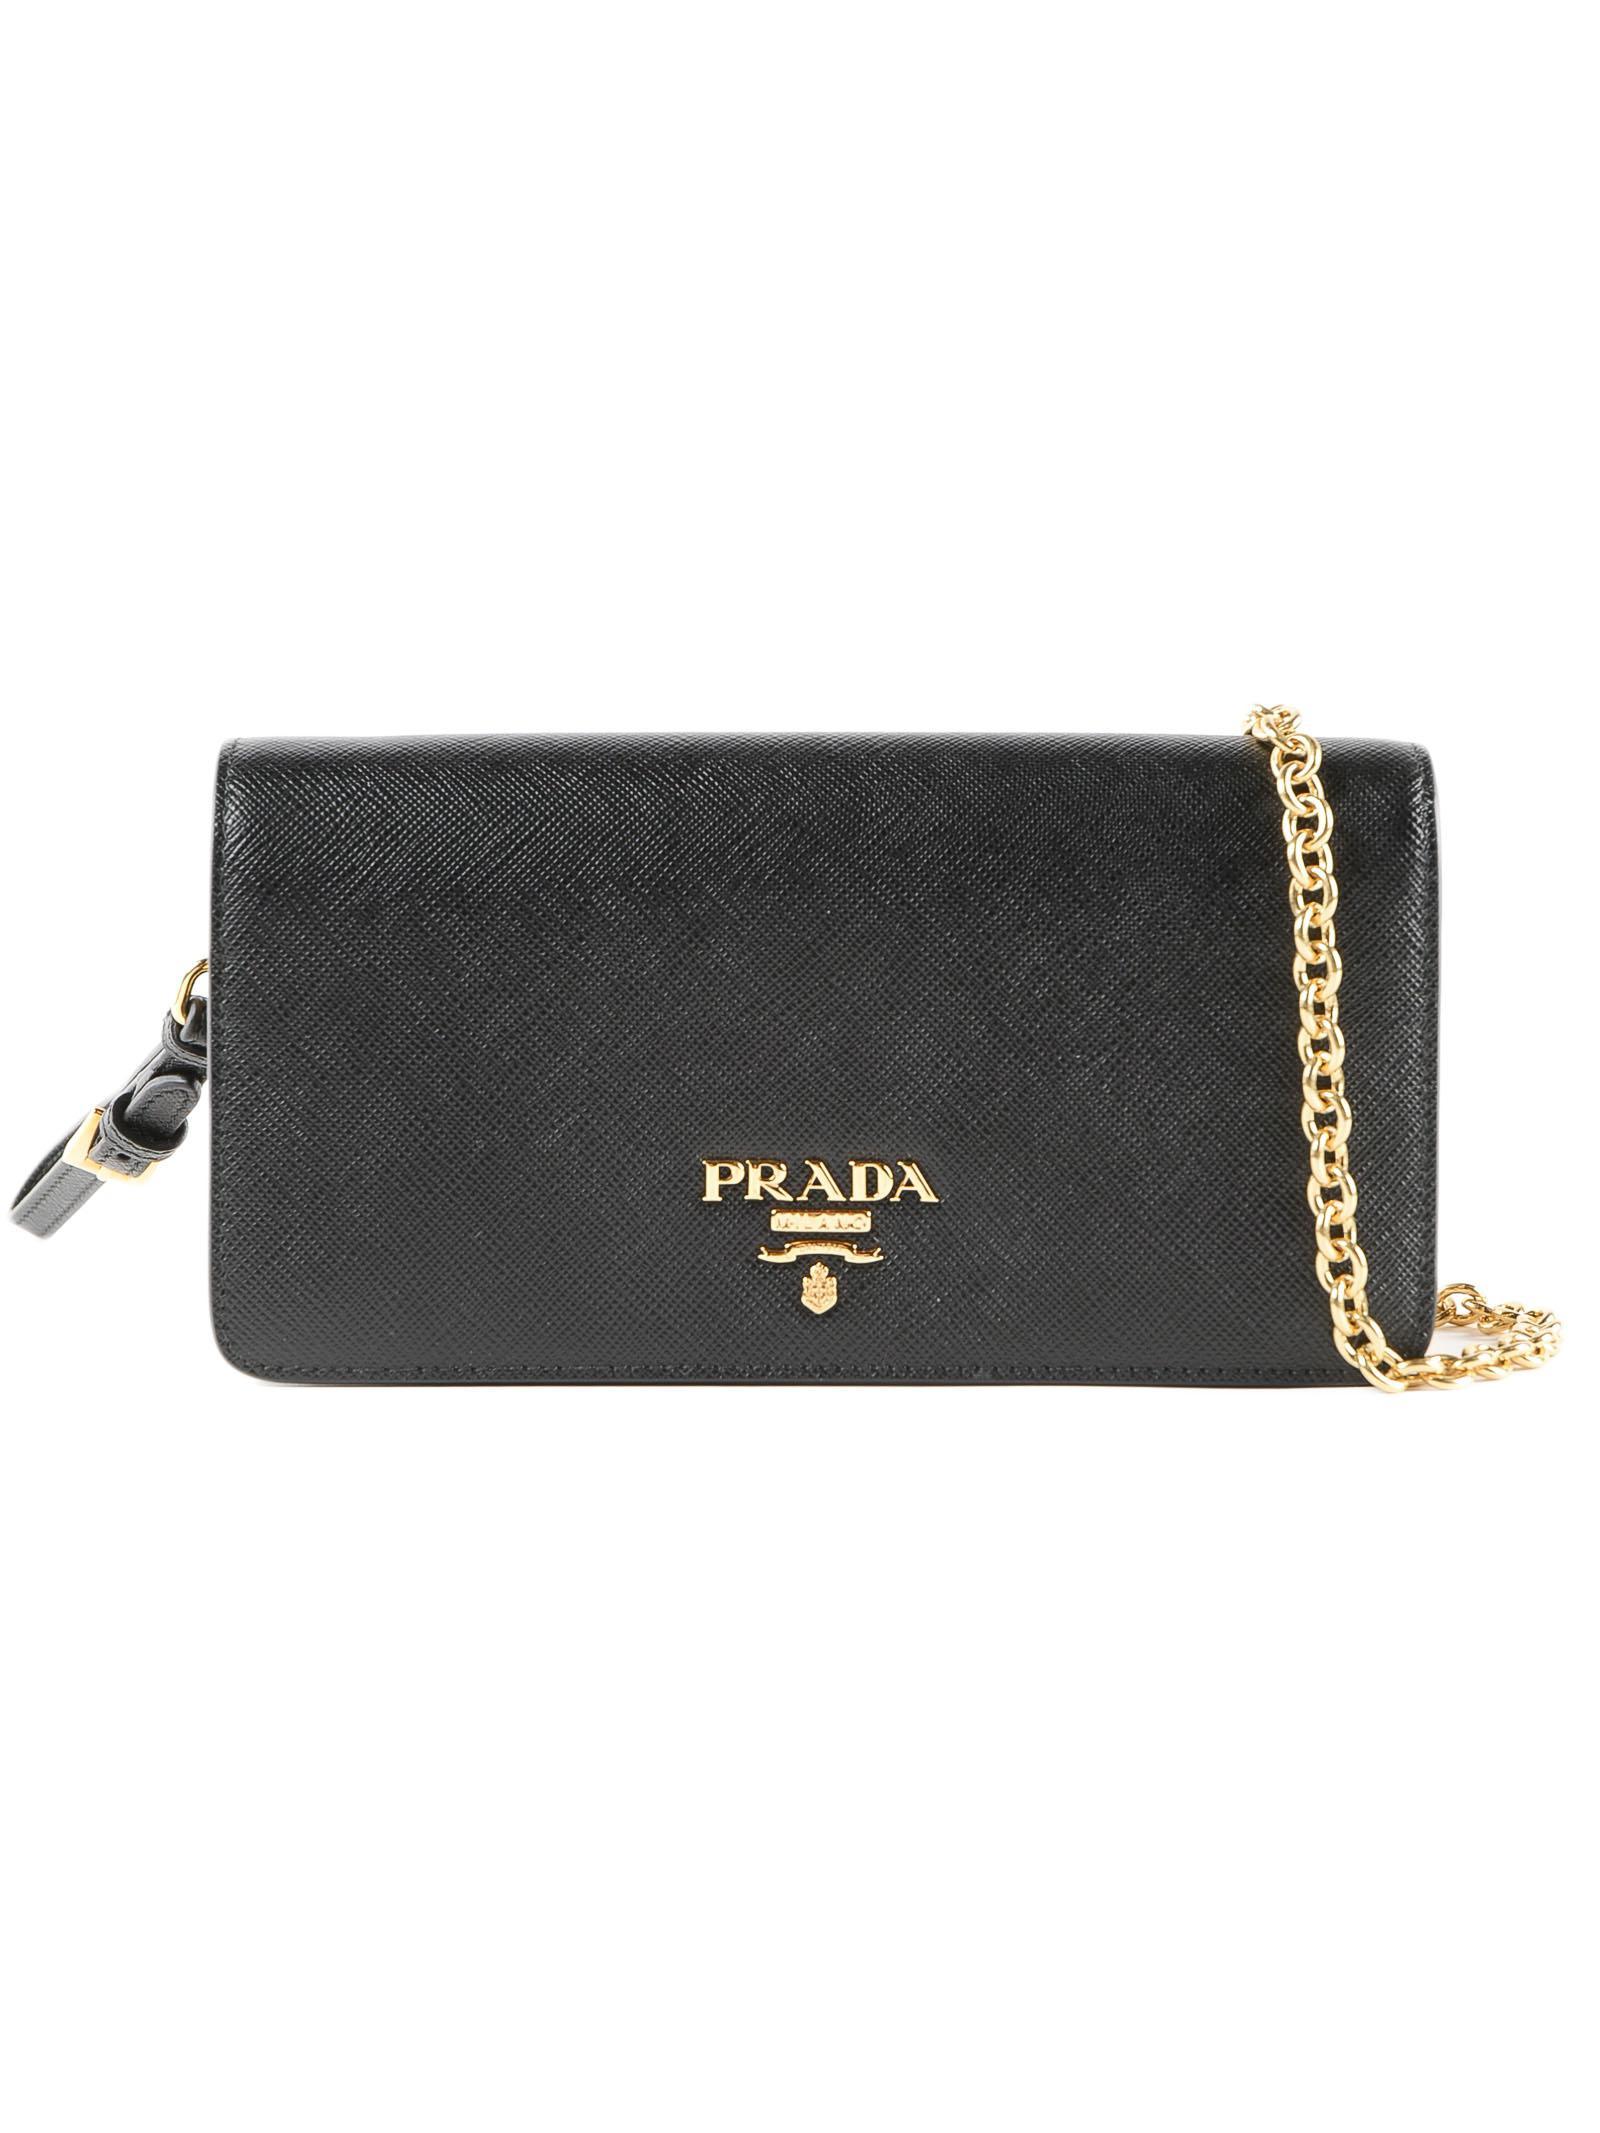 980942b9d9d0 Prada - Multicolor Mini Bag Saffiano - Lyst. View fullscreen